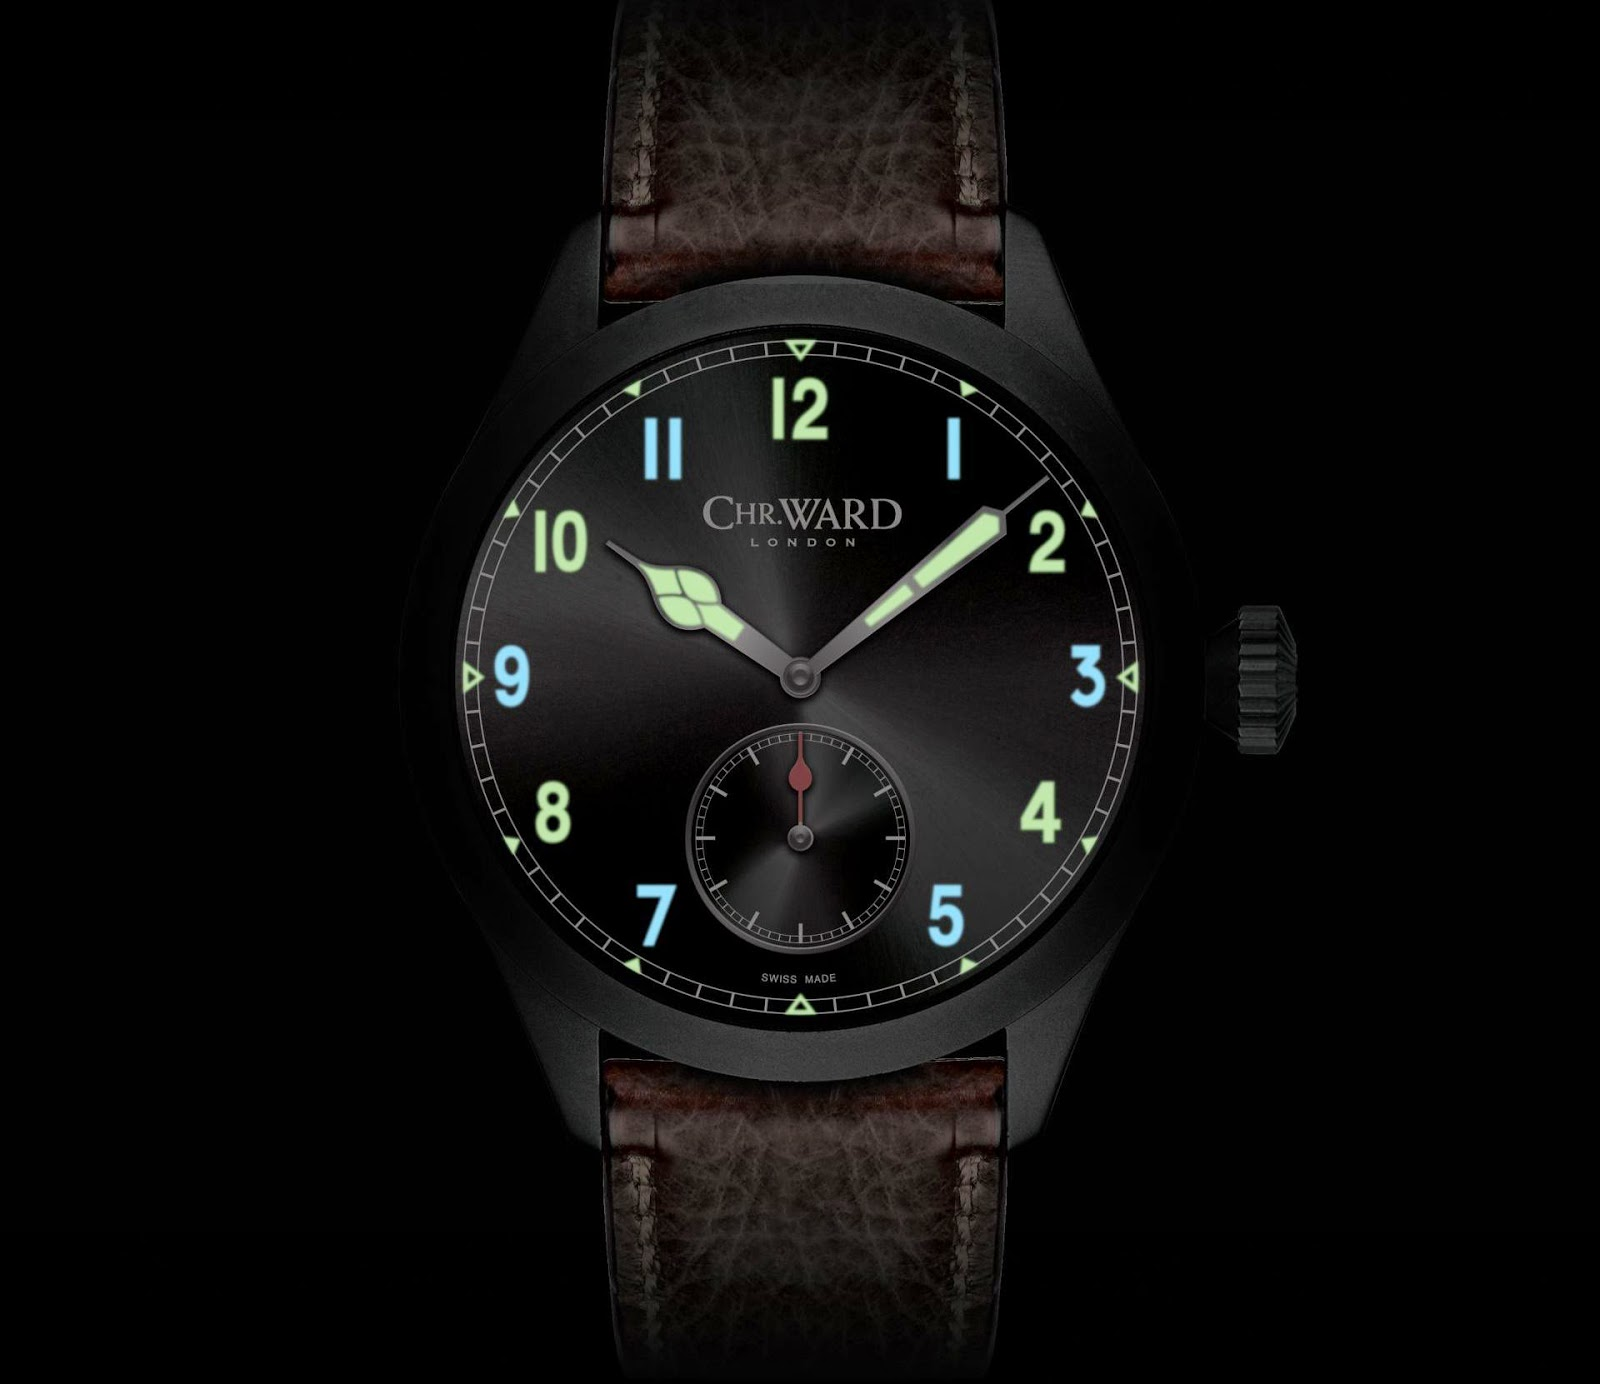 silent auction christopher ward c8 p7350 chronometer le uhrforum. Black Bedroom Furniture Sets. Home Design Ideas